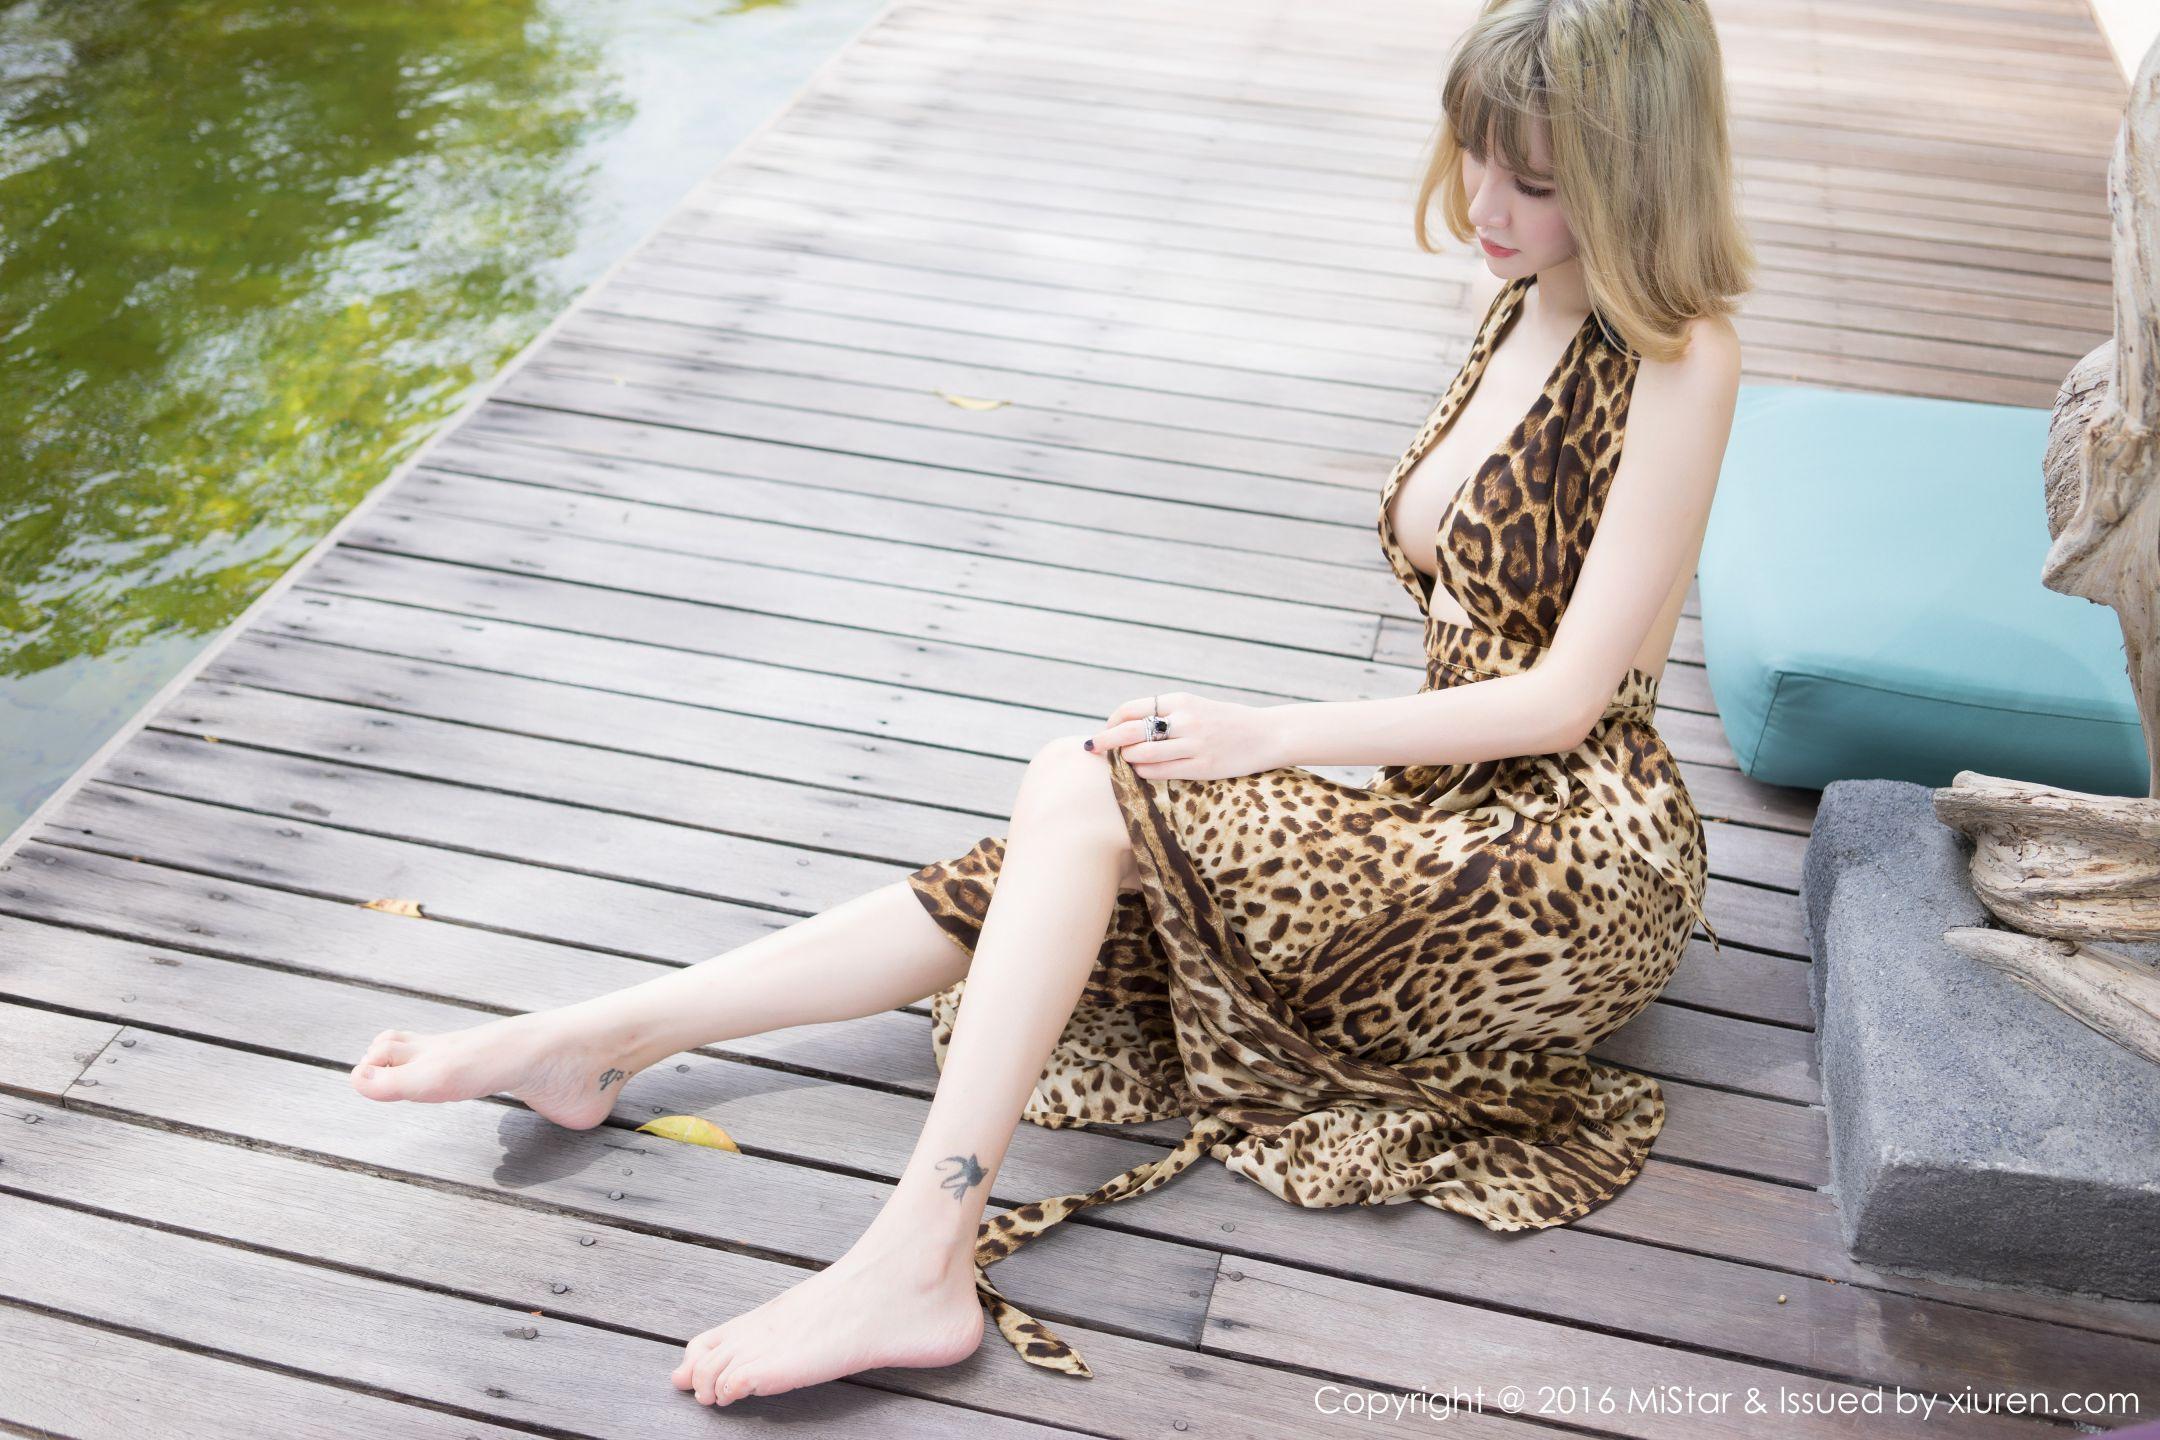 性感美女大胆人体艺术豹纹户外写真